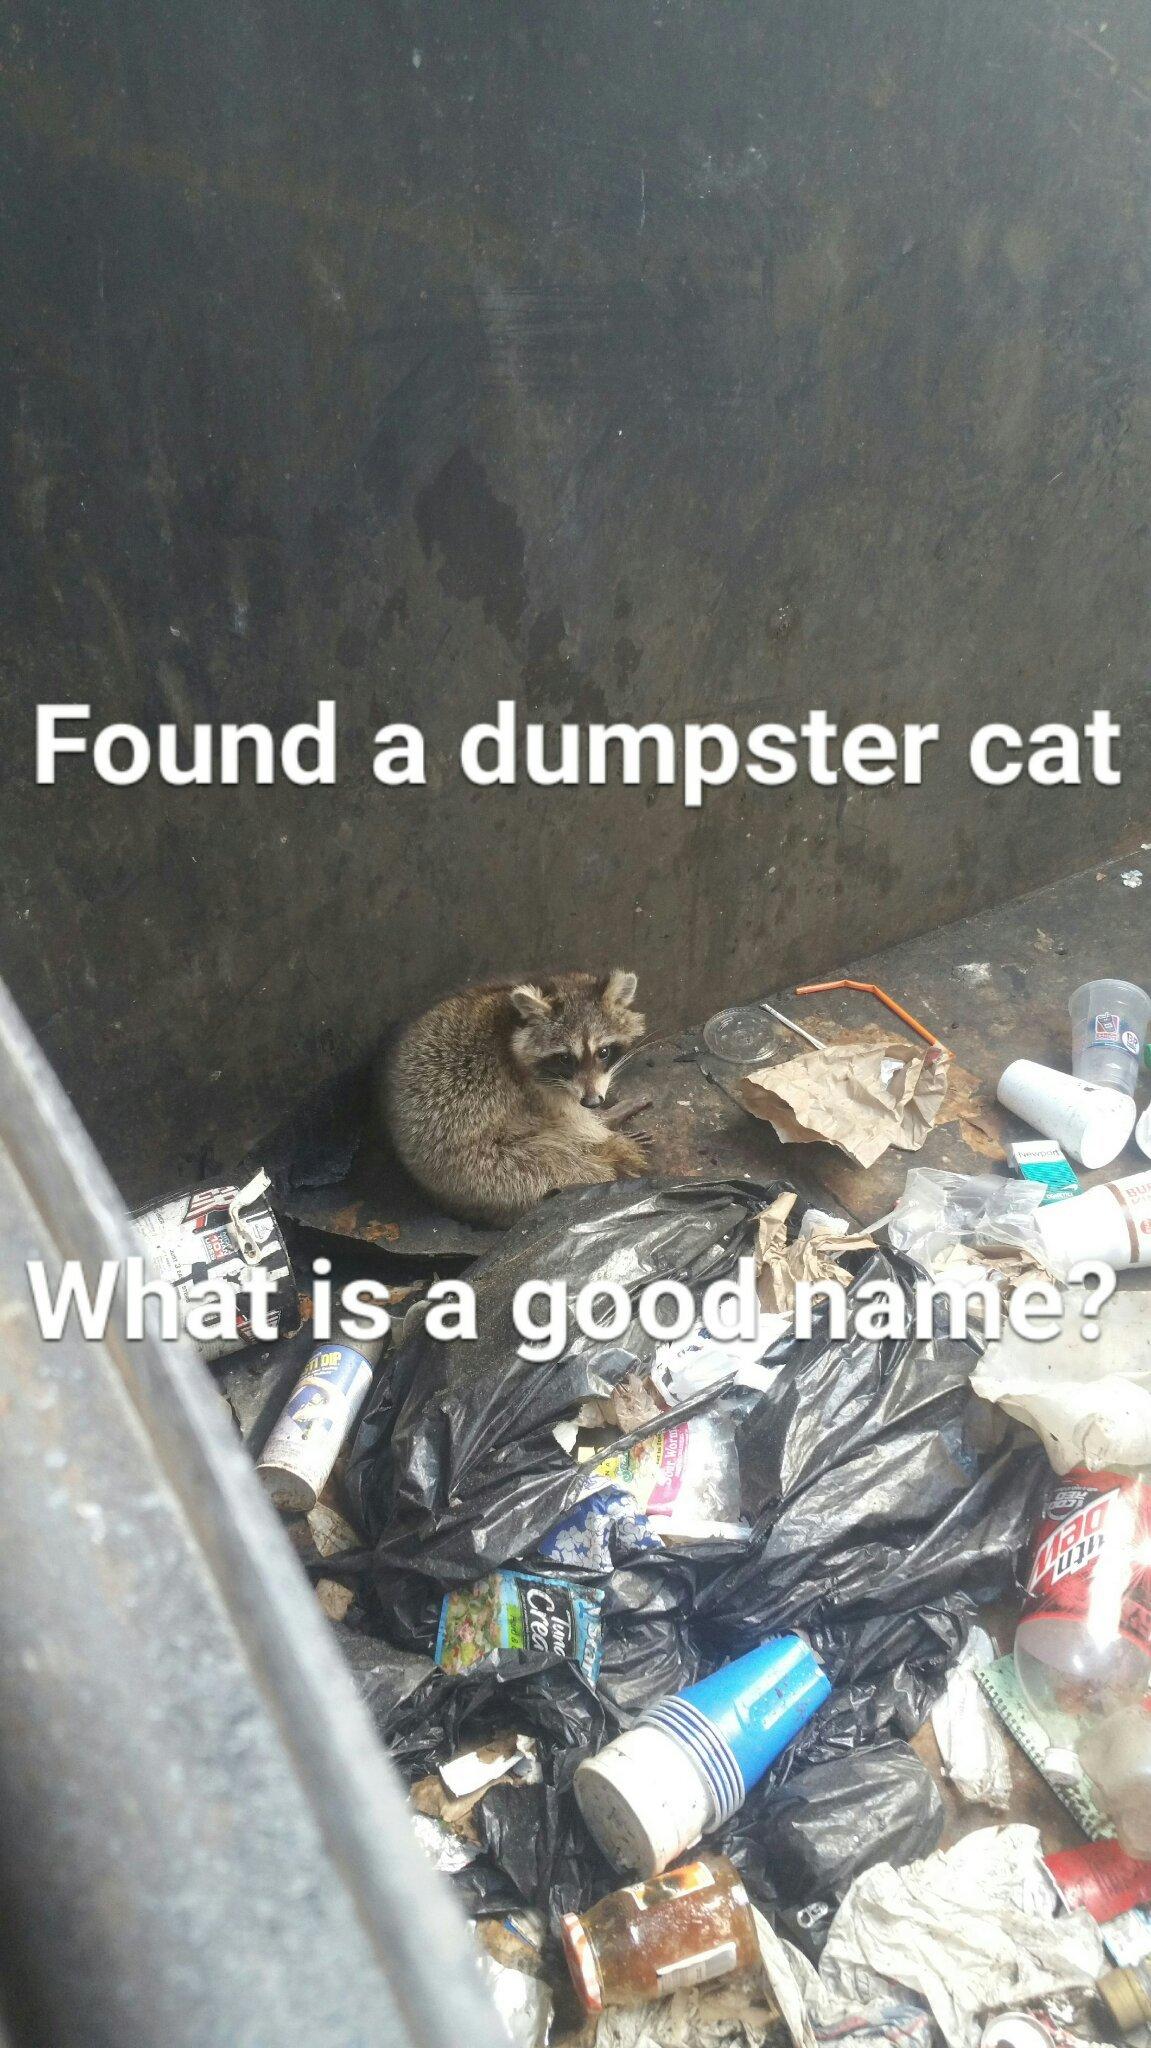 Dumpster cat - meme